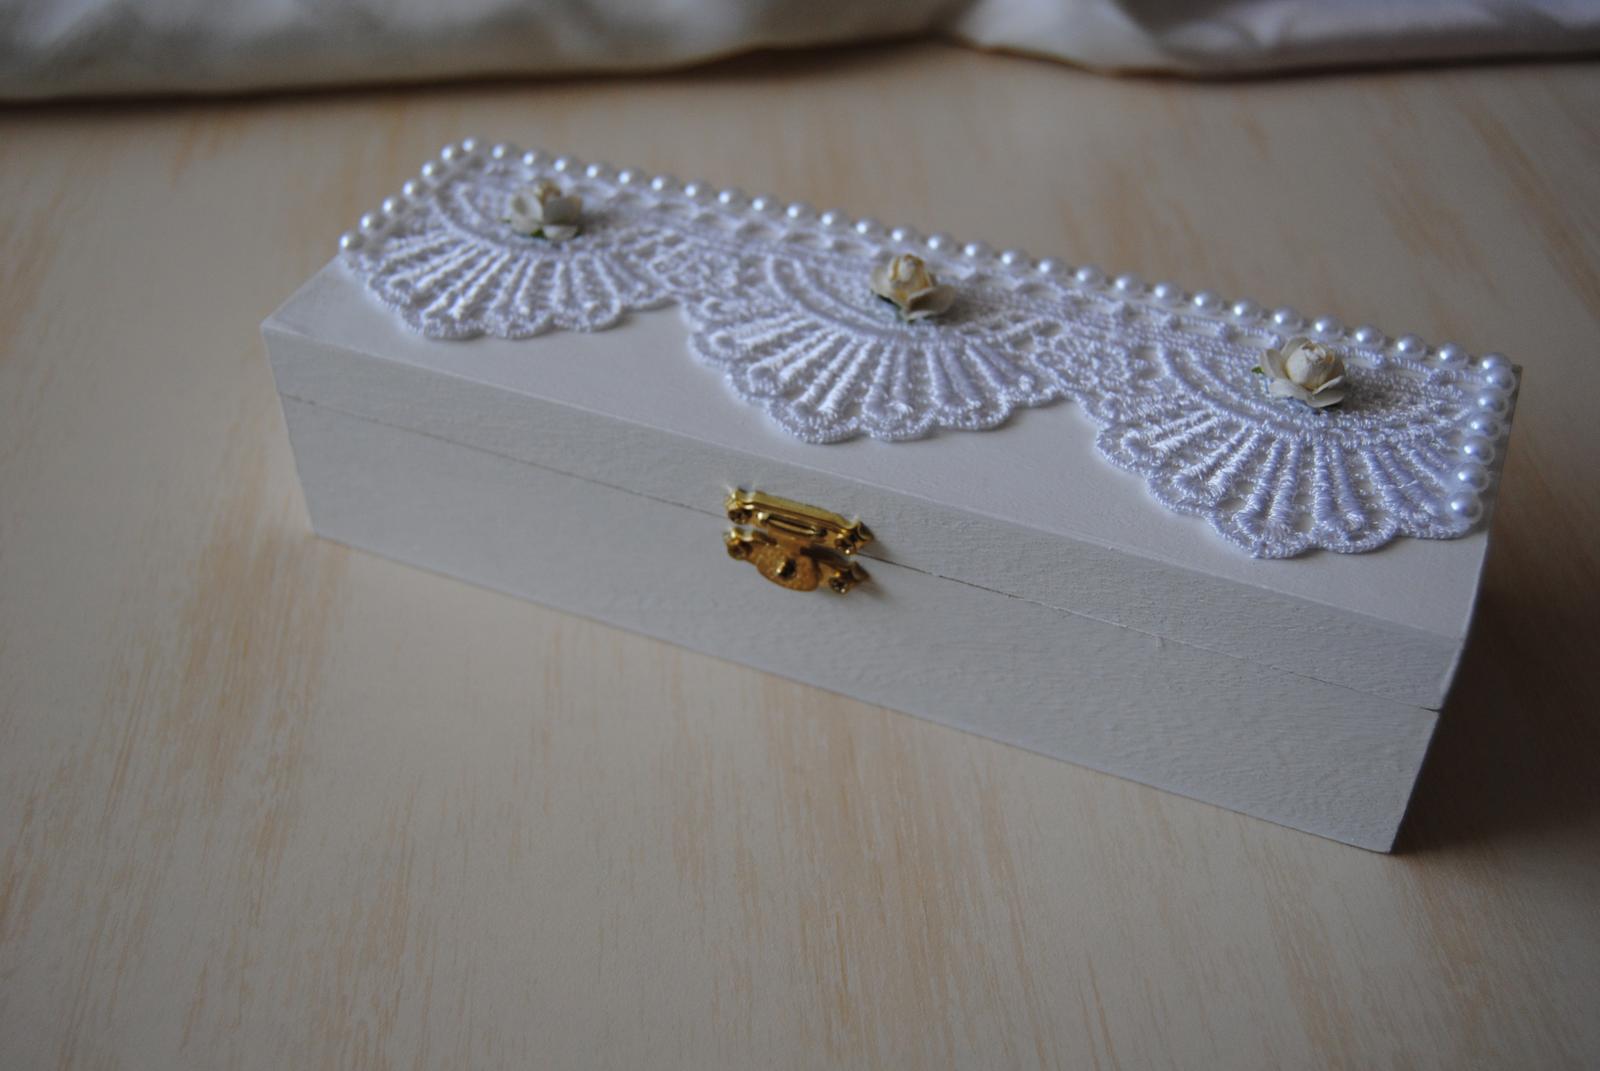 Biela drevená krabička na svadobné spomienky - Obrázok č. 4